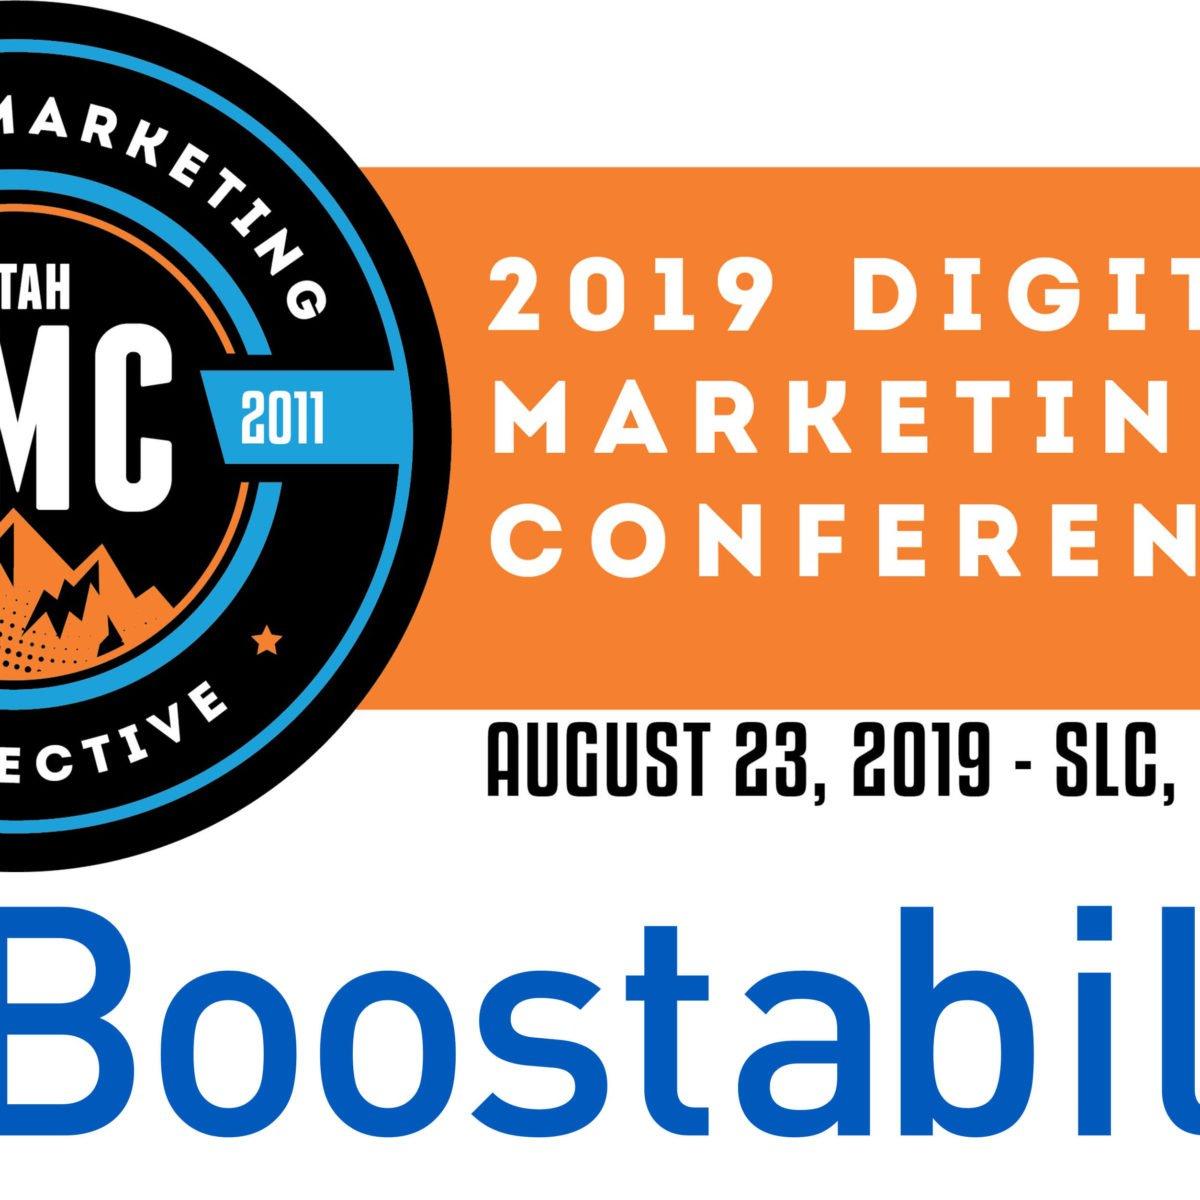 Utah DMC 2019